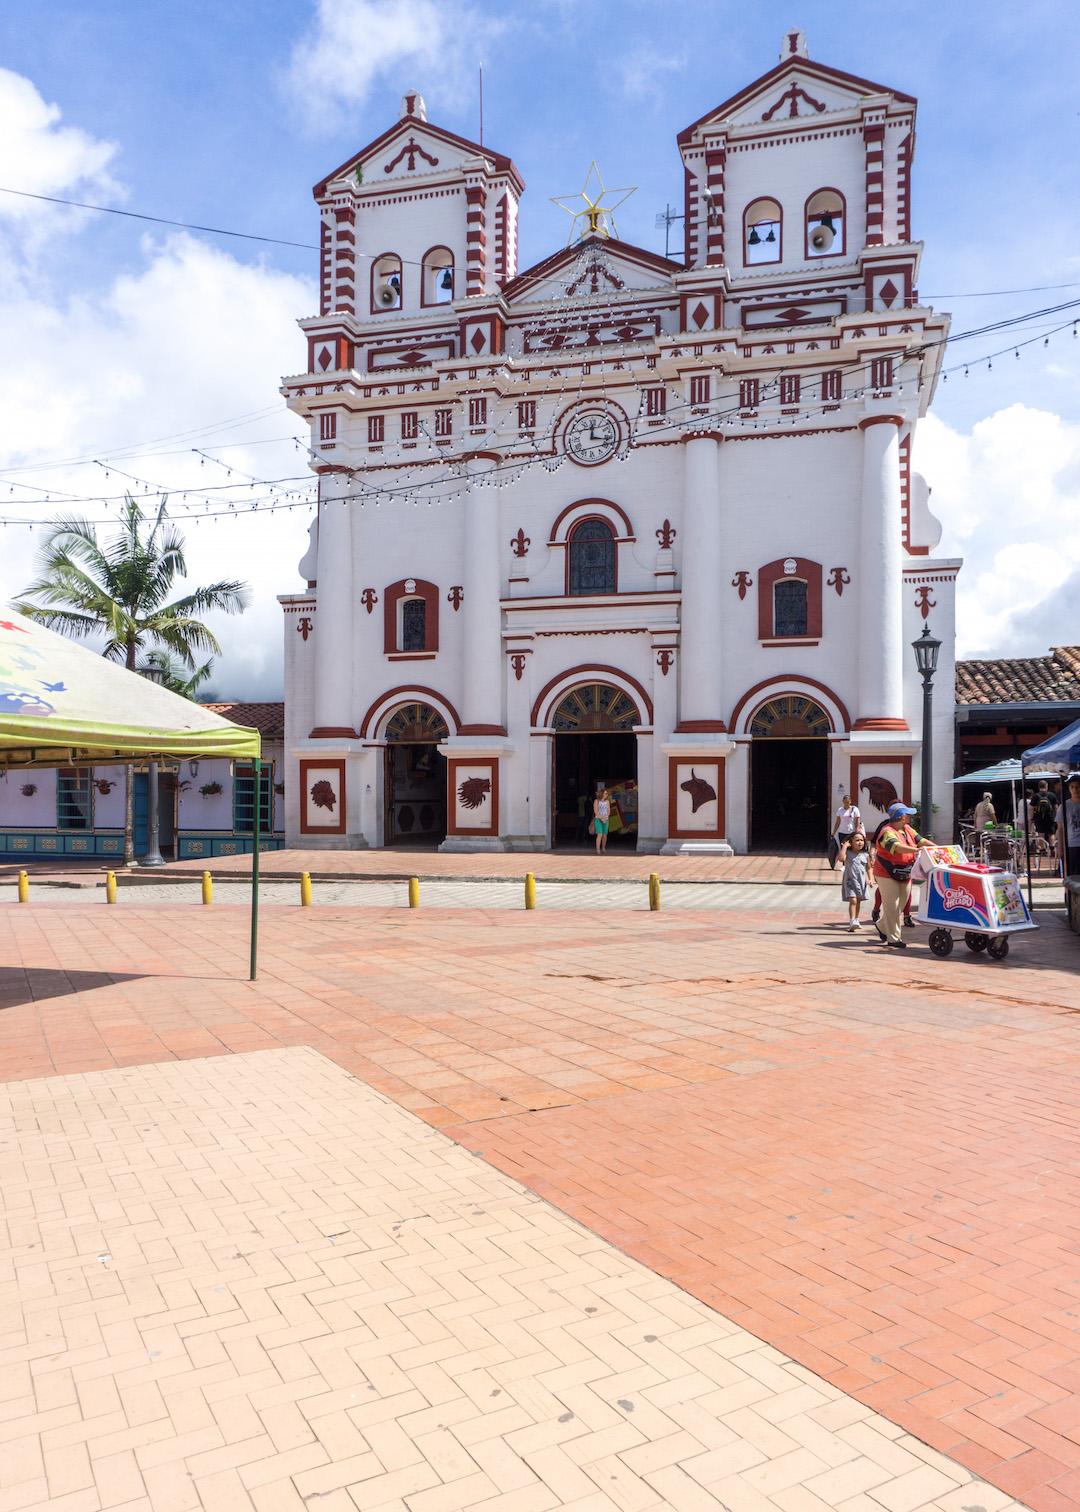 Her_Travel_Edit_Guatape_Church